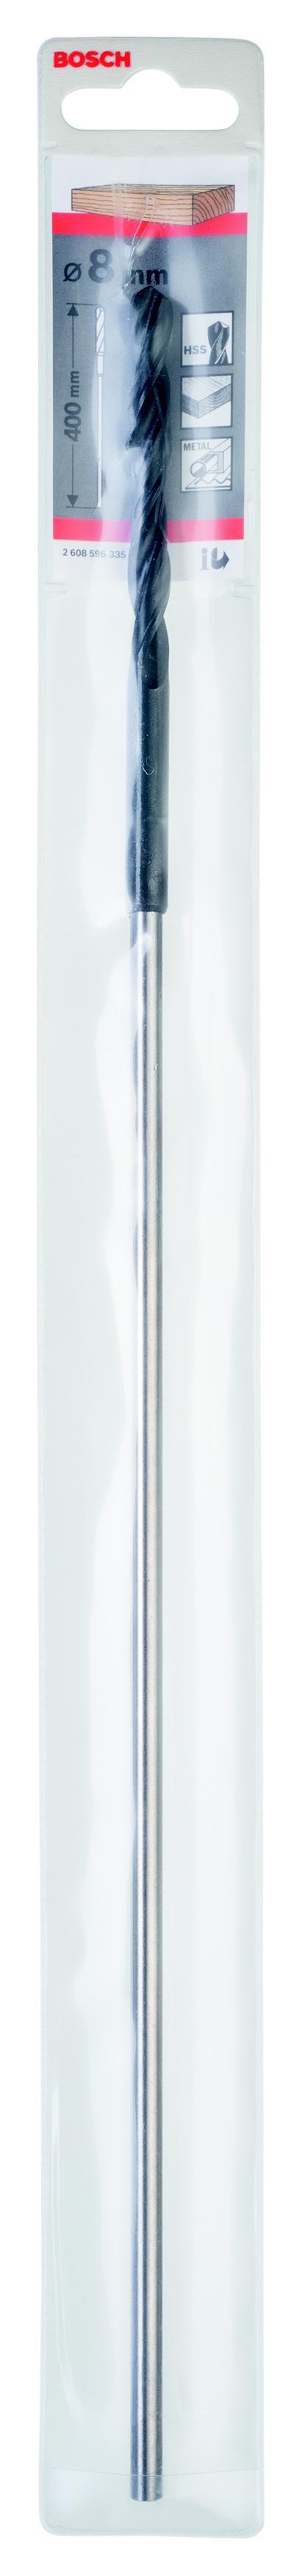 Сверло Bosch 2 608 596 335 монтажное replacement for bosch gsb 12 vsp 3 gsb 12vsp 2 gsr 12v bat011 2 607 335 250 2 607 335 376 2 607 335 378 power tools battery